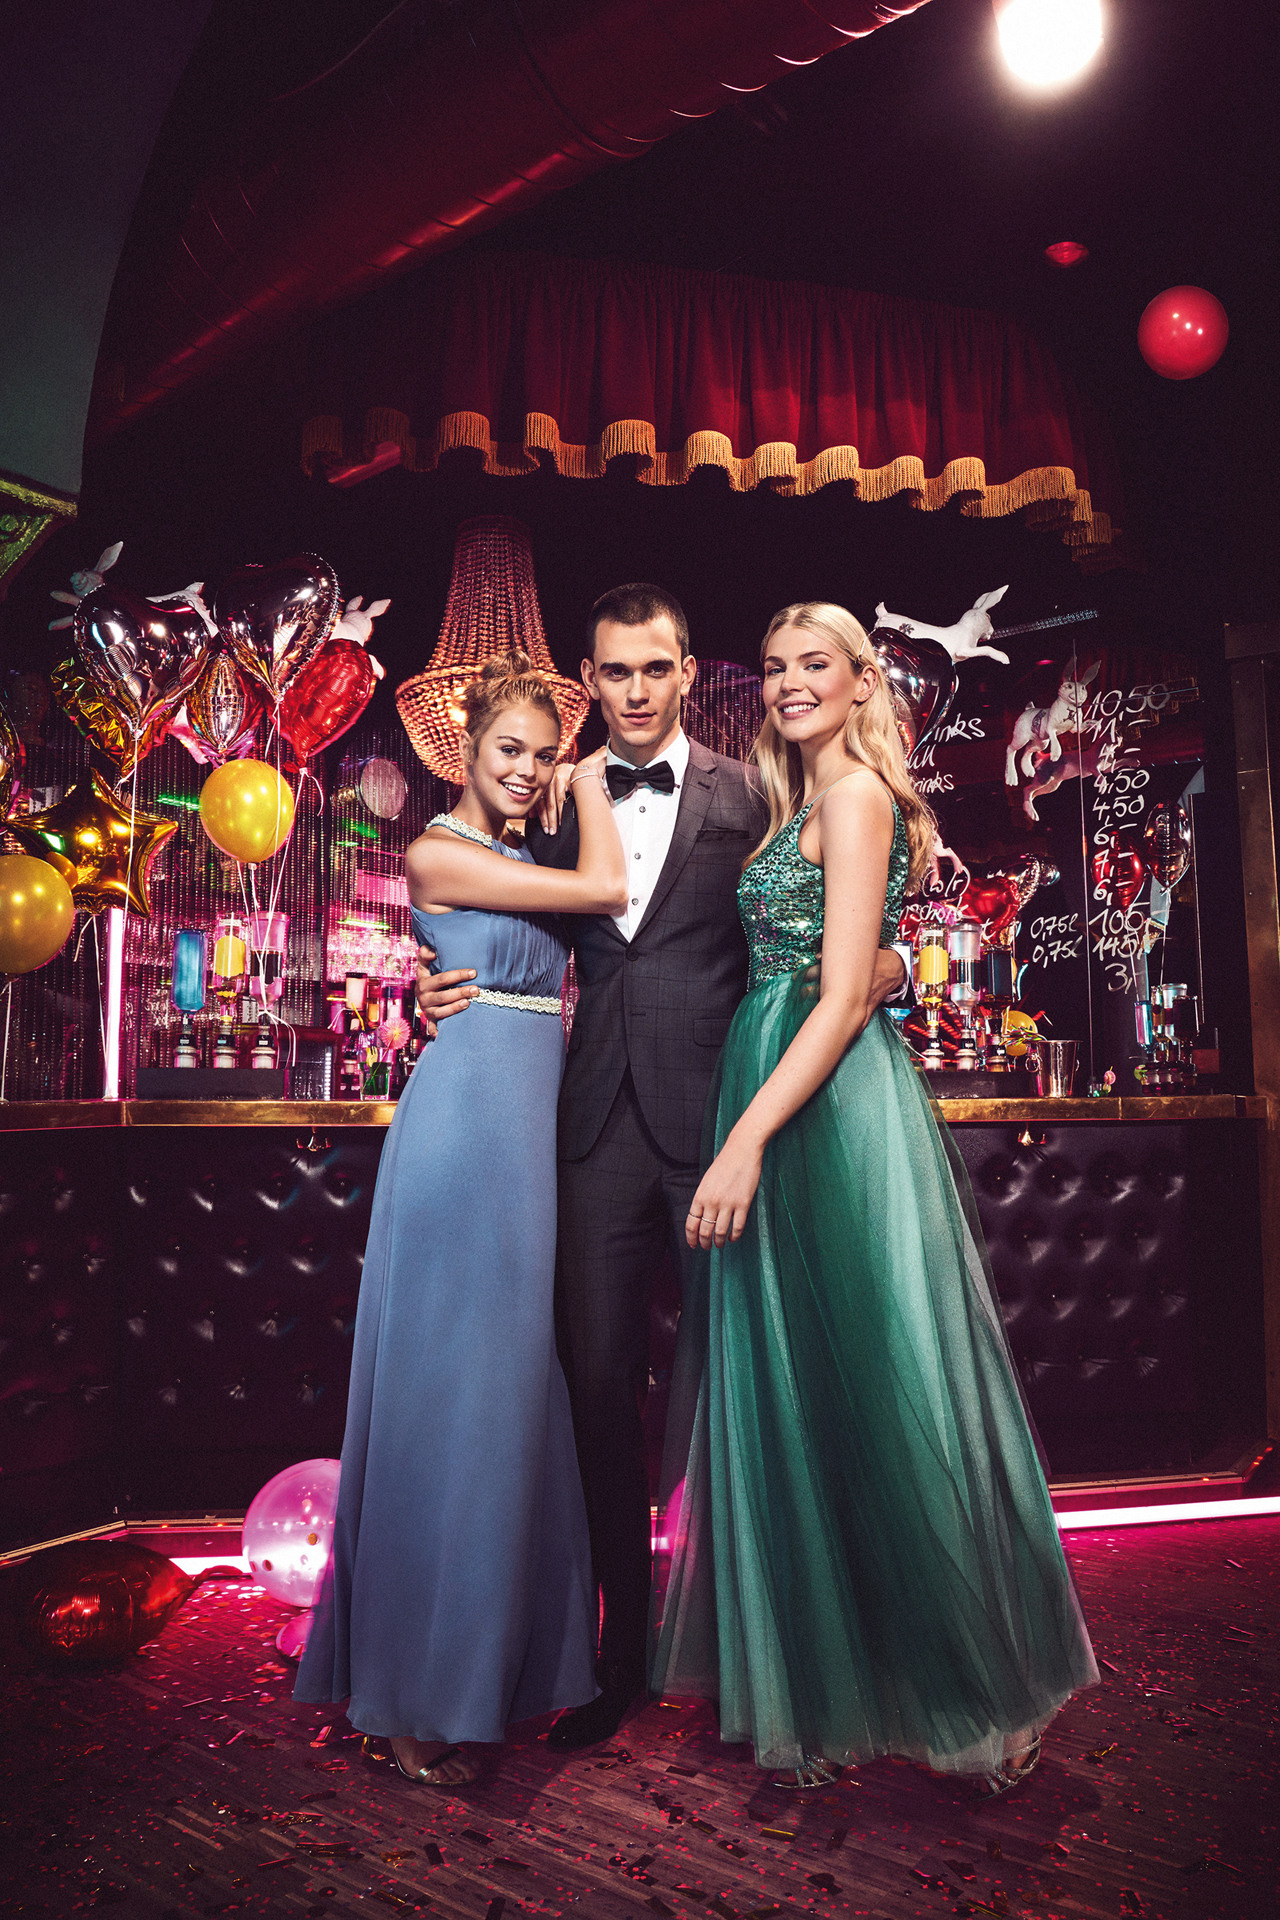 20 Coolste Elegante Maxikleider Für Hochzeit Bester PreisFormal Cool Elegante Maxikleider Für Hochzeit Design